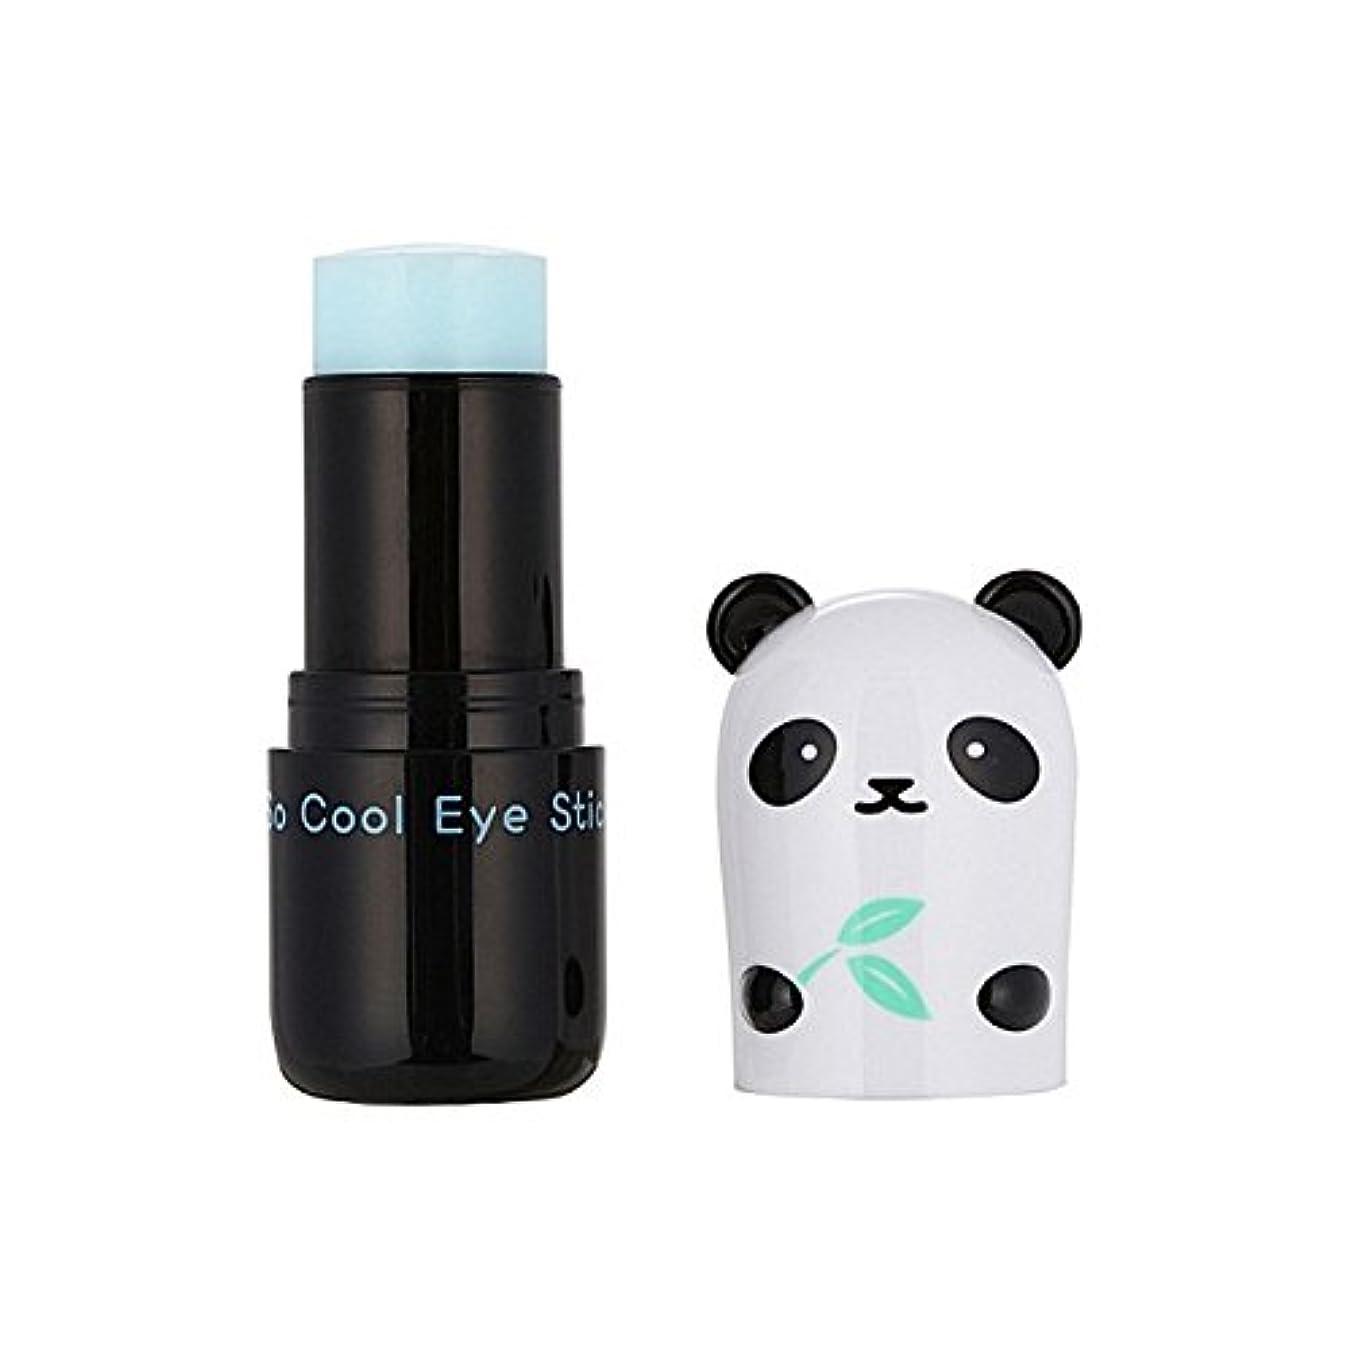 声を出して真夜中解決するトニーモリーパンダの夢のようにクールアイスティック9ミリリットル x2 - Tony Moly Panda's Dream So Cool Eye Stick 9Ml (Pack of 2) [並行輸入品]